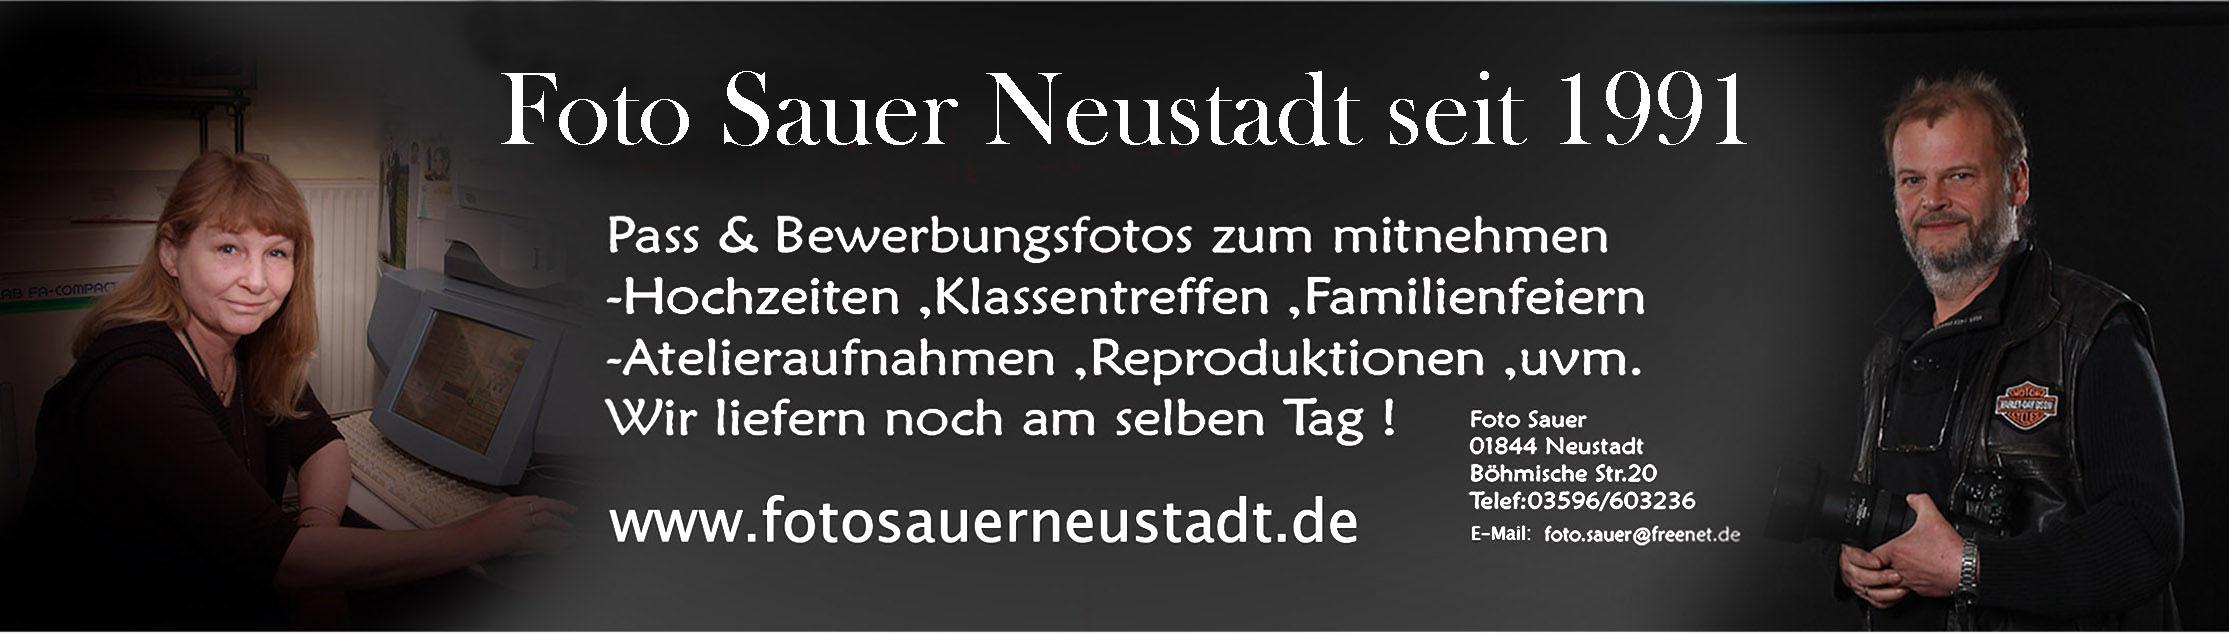 Foto Sauer Neustadt Böhmische str.20 Telfon 03596/603236